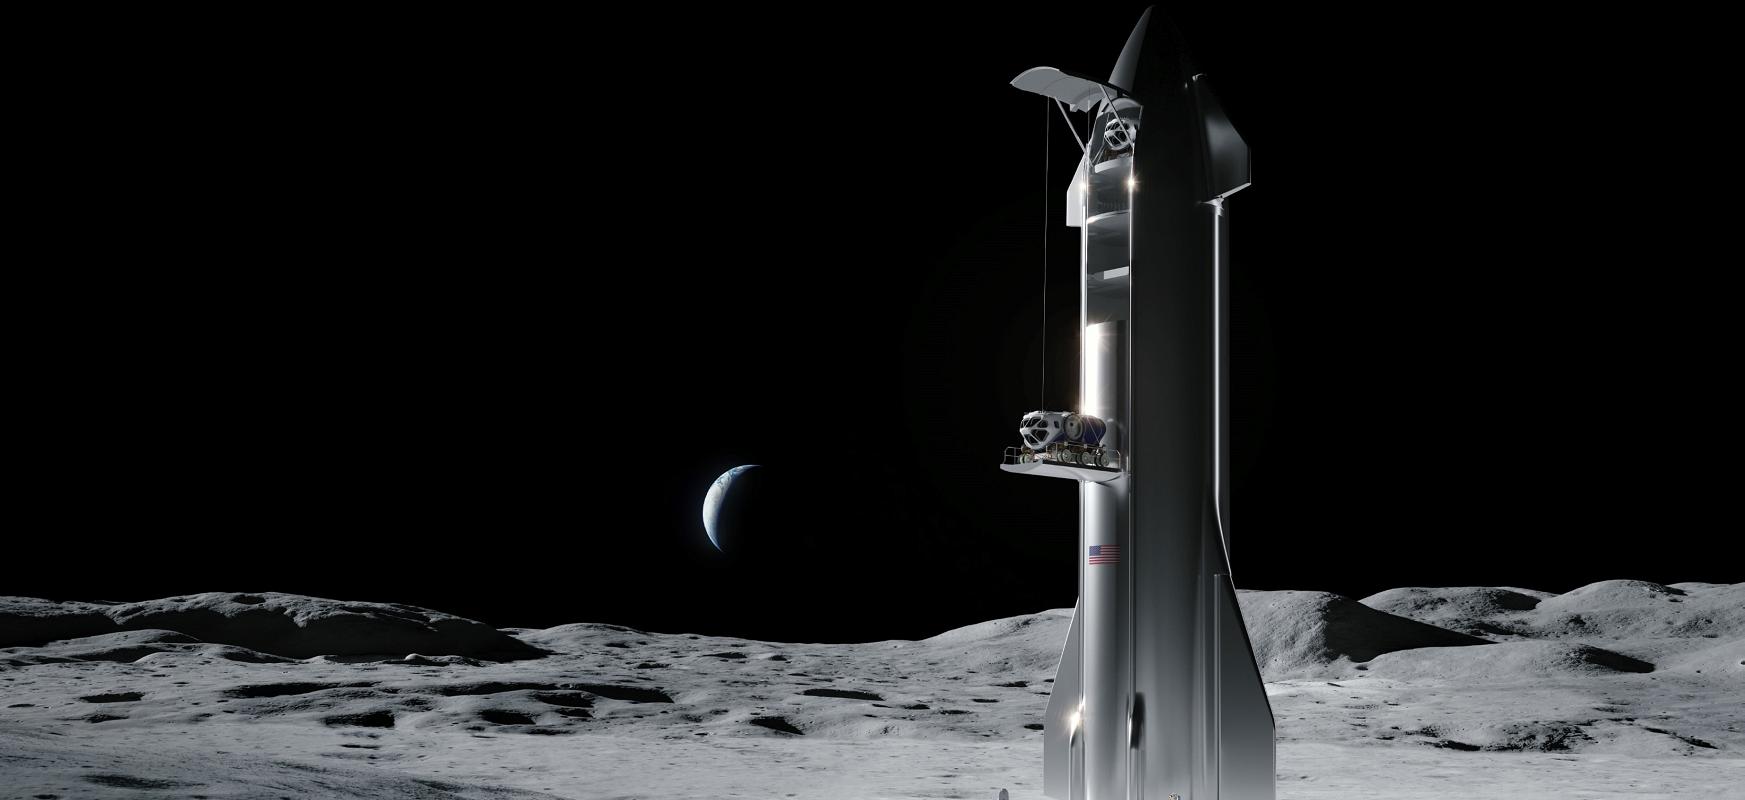 SpaceX-ek Starship-en hirugarren prototipoa muntatzen du.  Agian SN3 azkenean airera igoko da